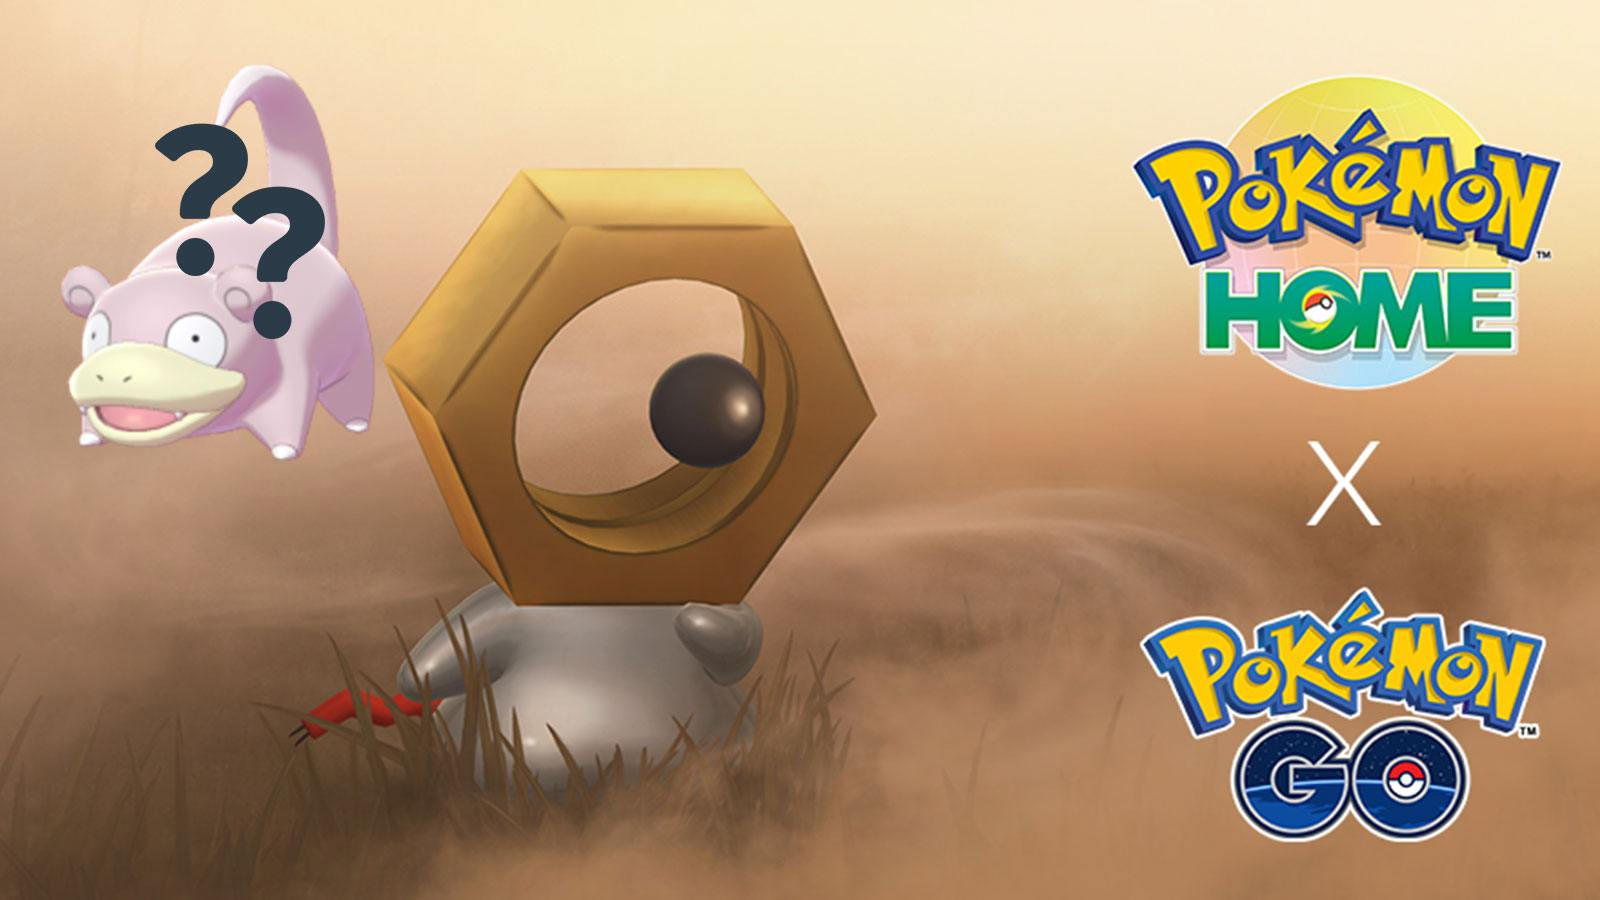 Pokémon Go Home événement Meltan Ramoloss Niantic